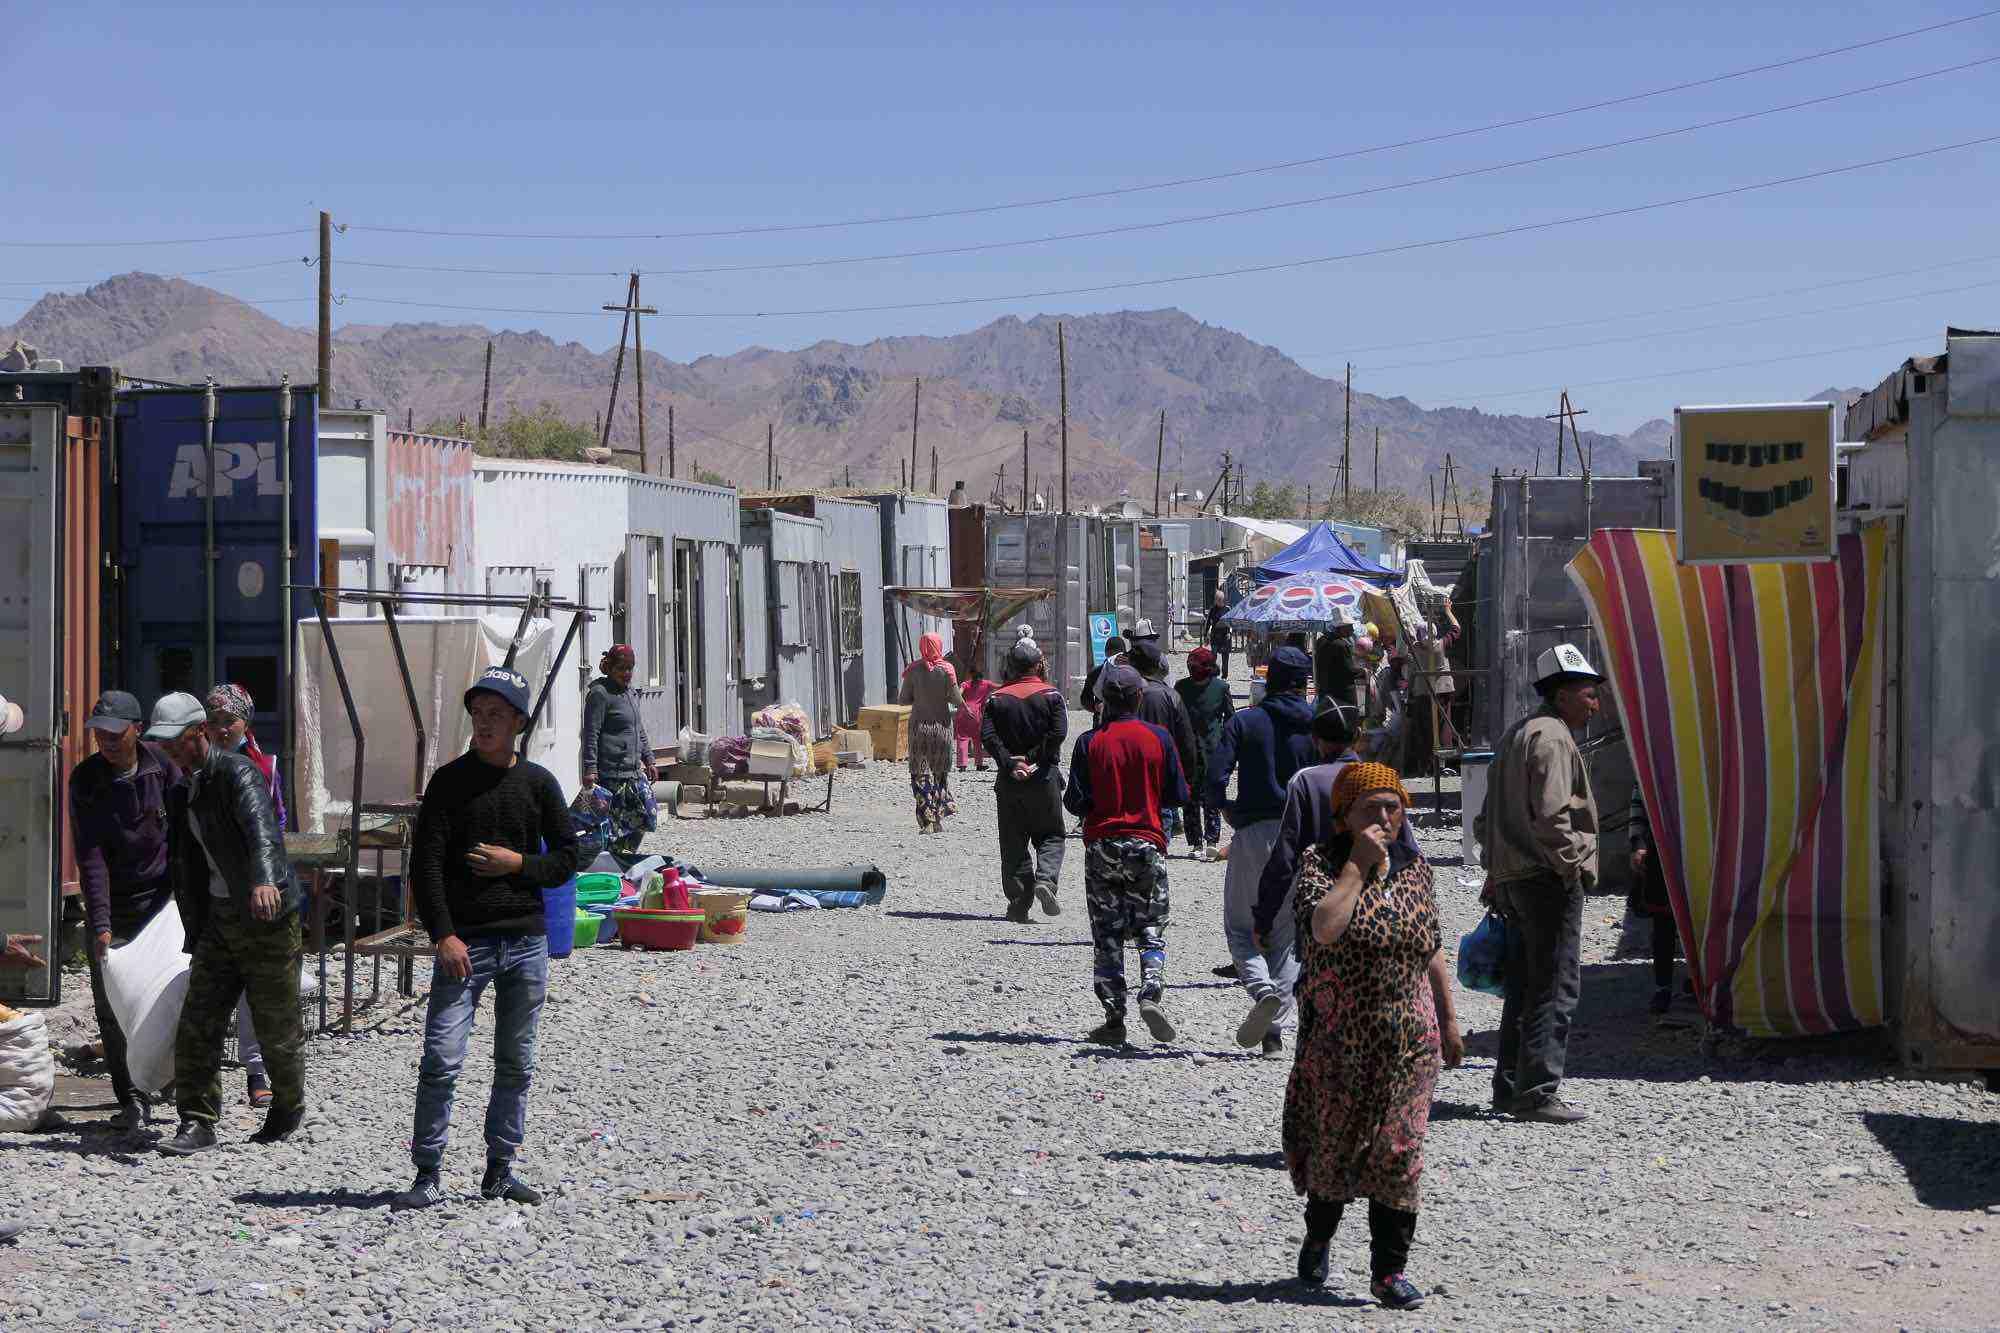 Le marché container de Murghab